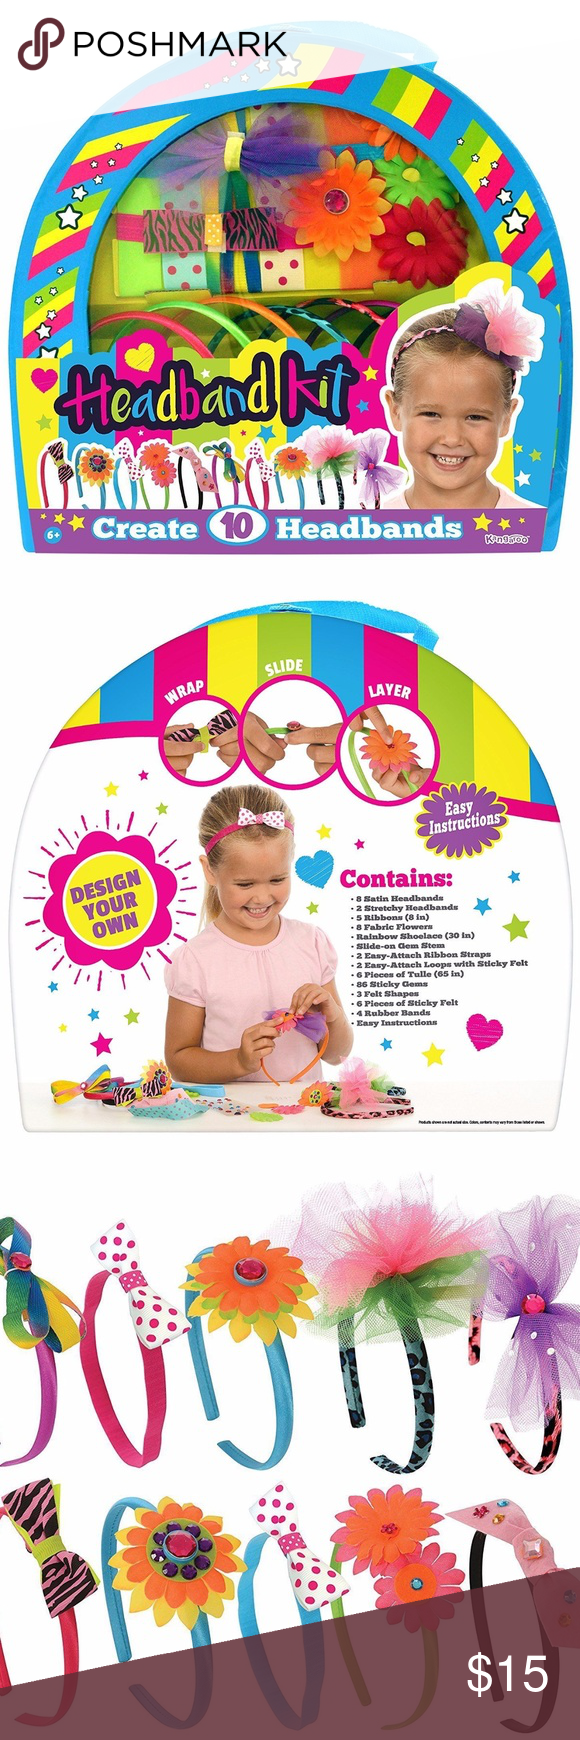 134 Pieces Headbands Kit